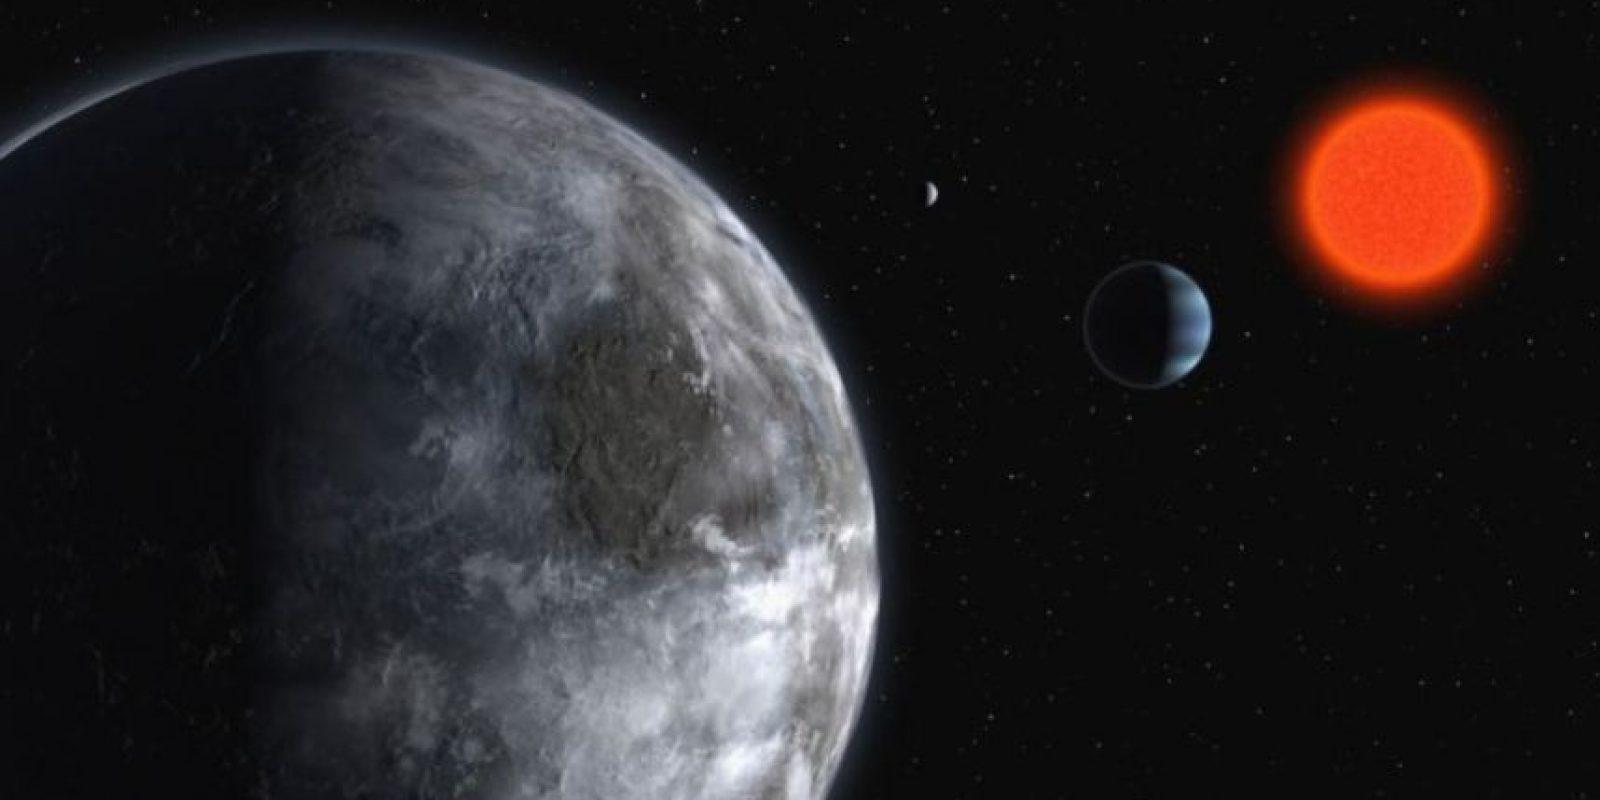 """El proyecto """"NExSS"""", de la National Aeronautics and Space Administration, conjunta expertos de varias disciplinas para investigar si es posible la vida en los más de mil planetas encontrados más allá de nuestros confines. Foto:Getty Images"""